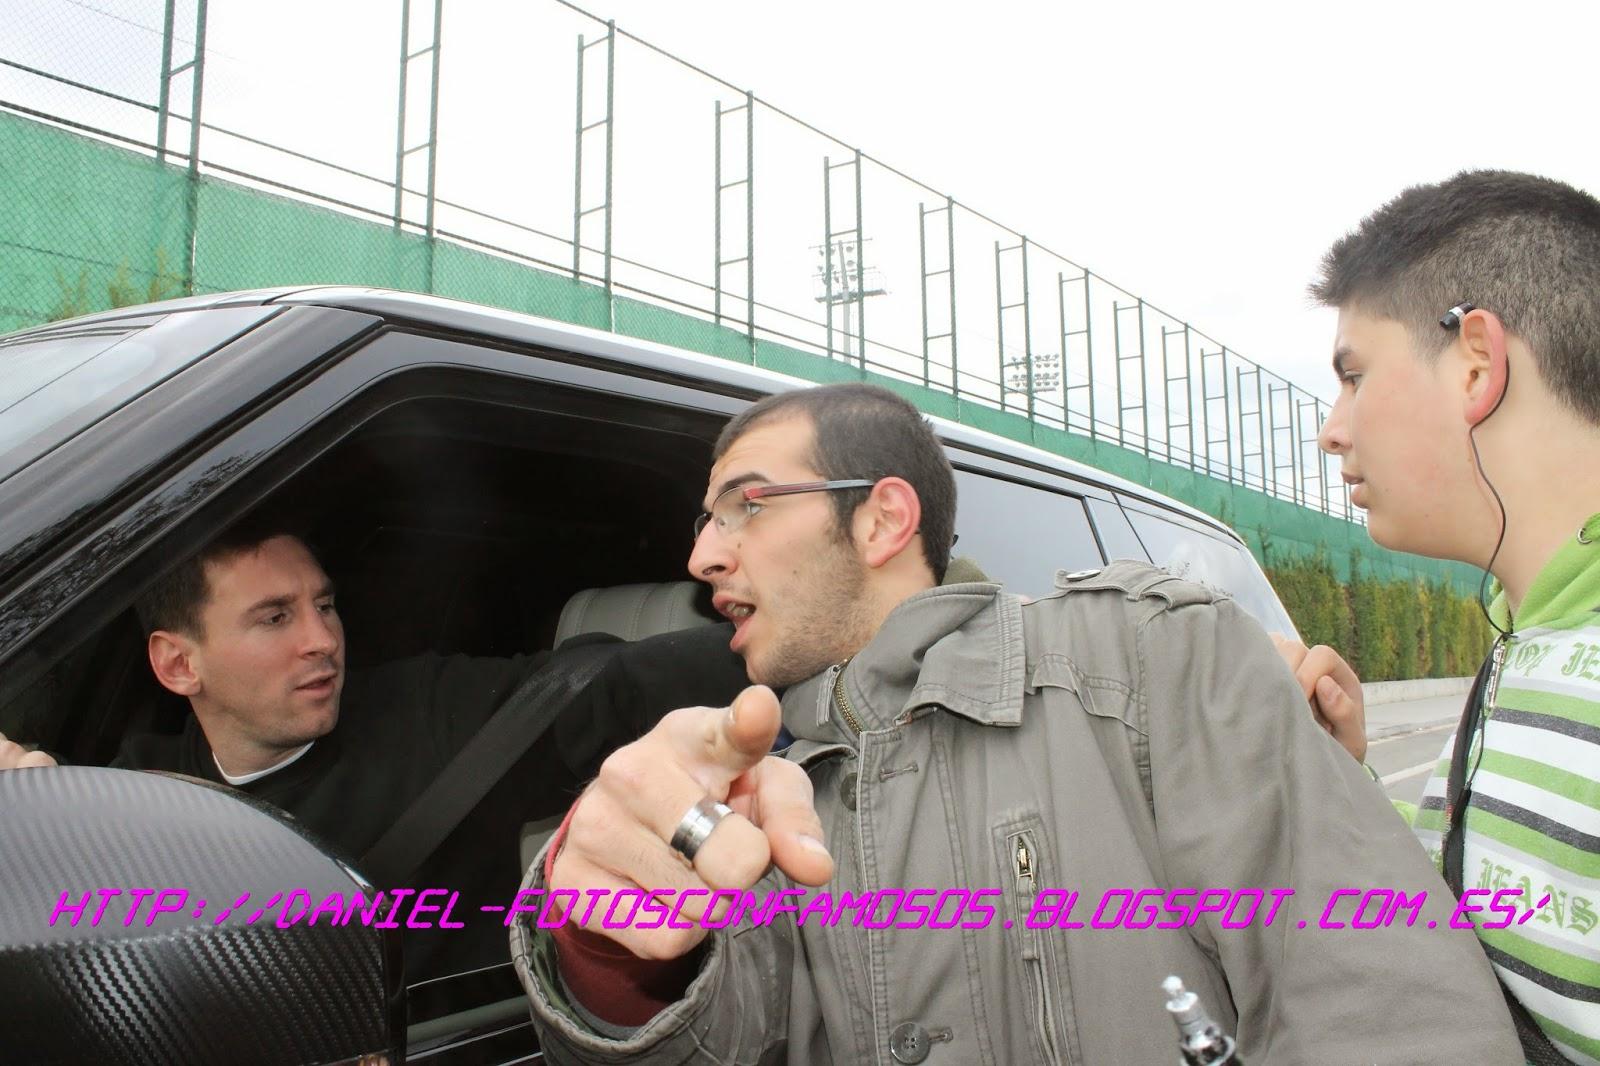 ¿Cuánto mide Danifotos? (Daniel fotos con famosos) -  (cazafotos) - Altura Messi